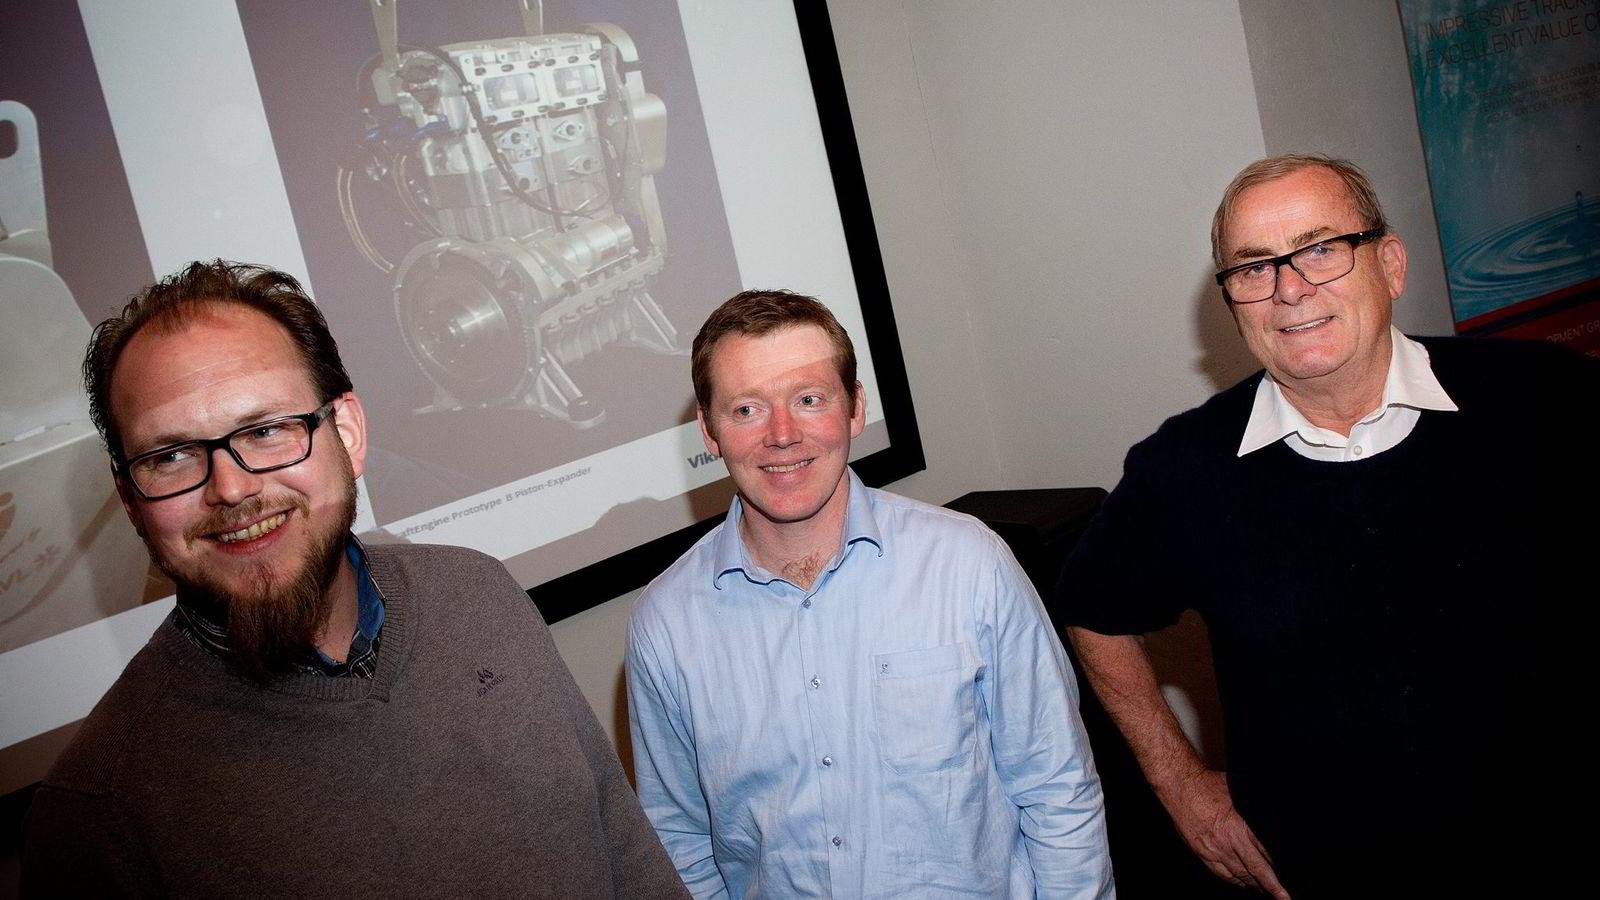 Harald Nes Rislå (fra venstre) er oppfinneren av maskinen som kan omdanne spillvarme til elektrisitet. Her med daglig leder Tor Hodne, og gründer og majoritetseier Tore Hansen-Tangen i Viking Heat Engines i Kristiansand. Foto: